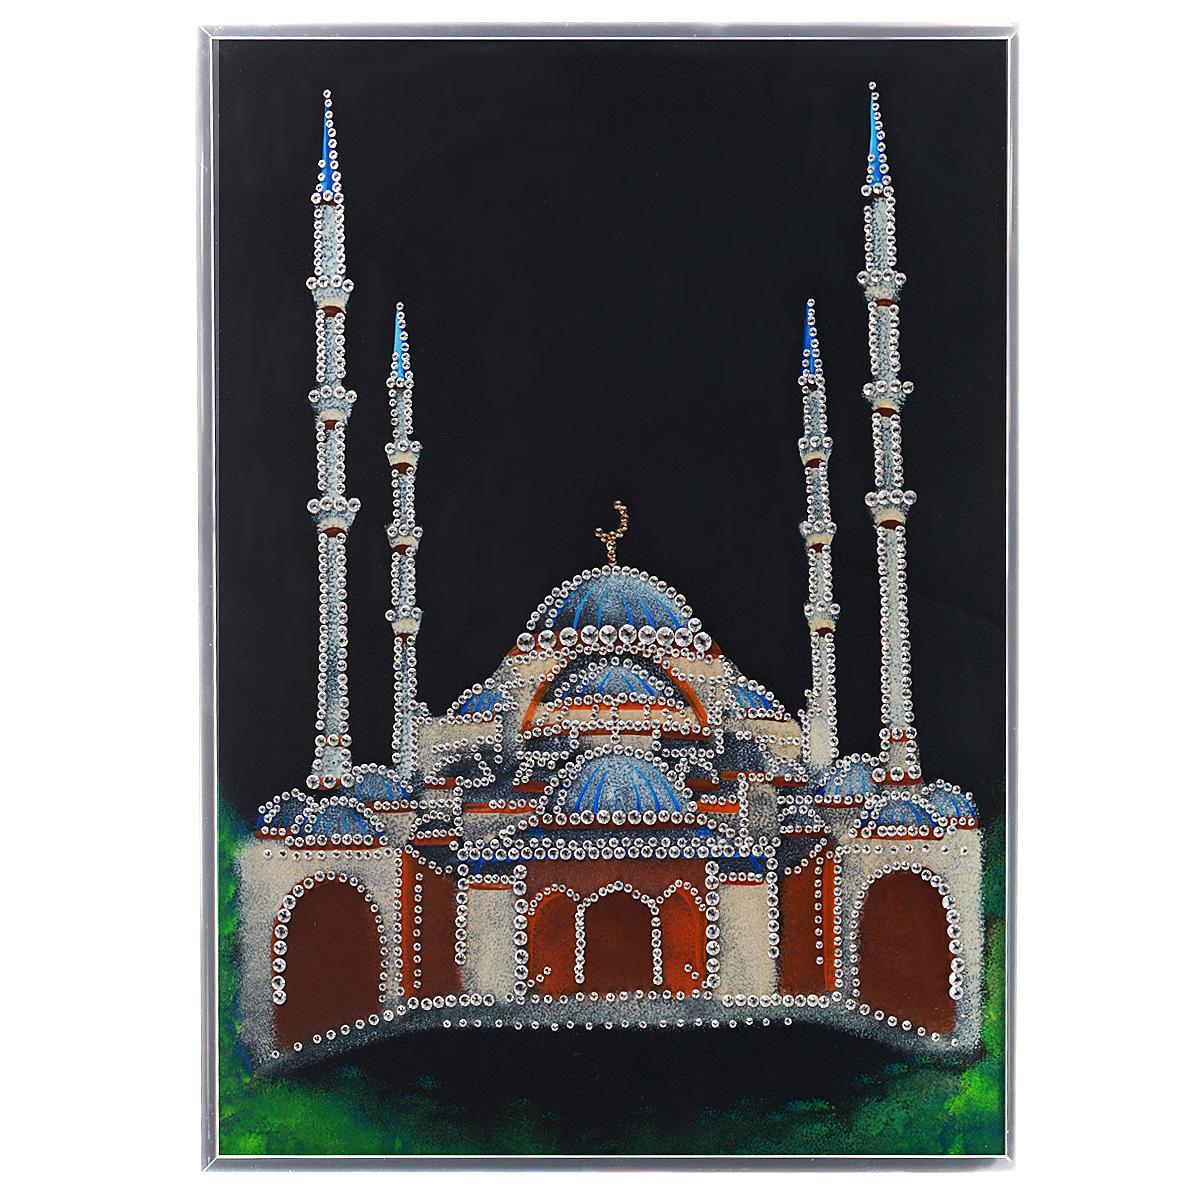 Картина с кристаллами Swarovski Мечеть, 30 см х 40 смPM-3302Изящная картина в алюминиевой раме Мечеть инкрустирована кристаллами Swarovski, которые отличаются четкой и ровной огранкой, ярким блеском и чистотой цвета. Идеально подобранная палитра кристаллов прекрасно дополняет картину. С задней стороны изделие оснащено специальной металлической петелькой для размещения на стене. Картина с кристаллами Swarovski элегантно украсит интерьер дома, а также станет прекрасным подарком, который обязательно понравится получателю. Блеск кристаллов в интерьере - что может быть сказочнее и удивительнее. Изделие упаковано в подарочную картонную коробку синего цвета и комплектуется сертификатом соответствия Swarovski.